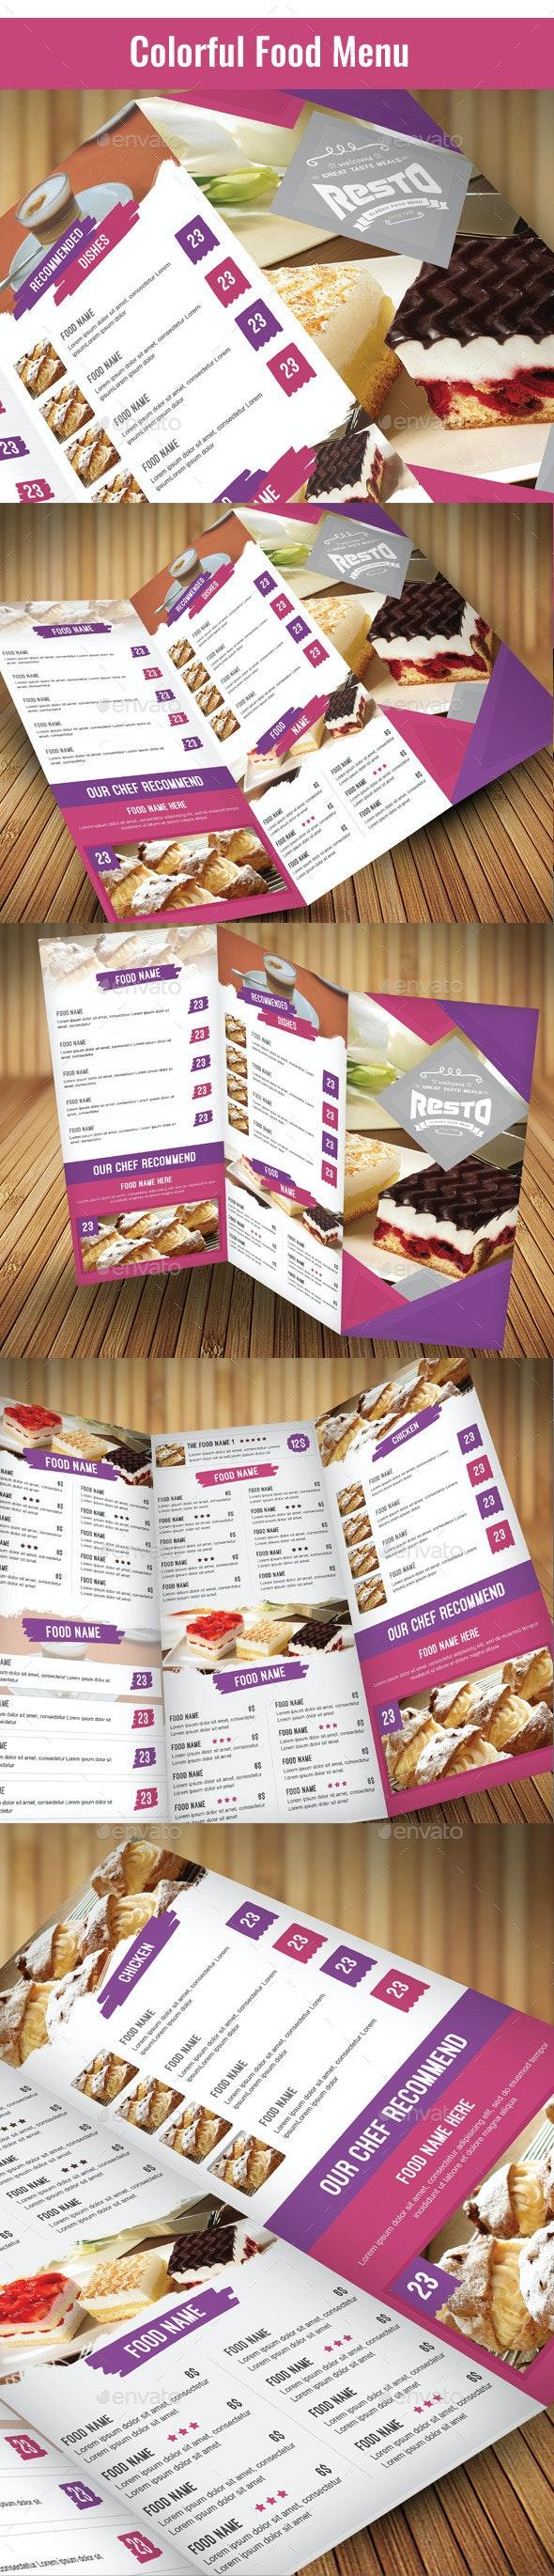 Colorful Food Menu  - Food Menus Print Templates